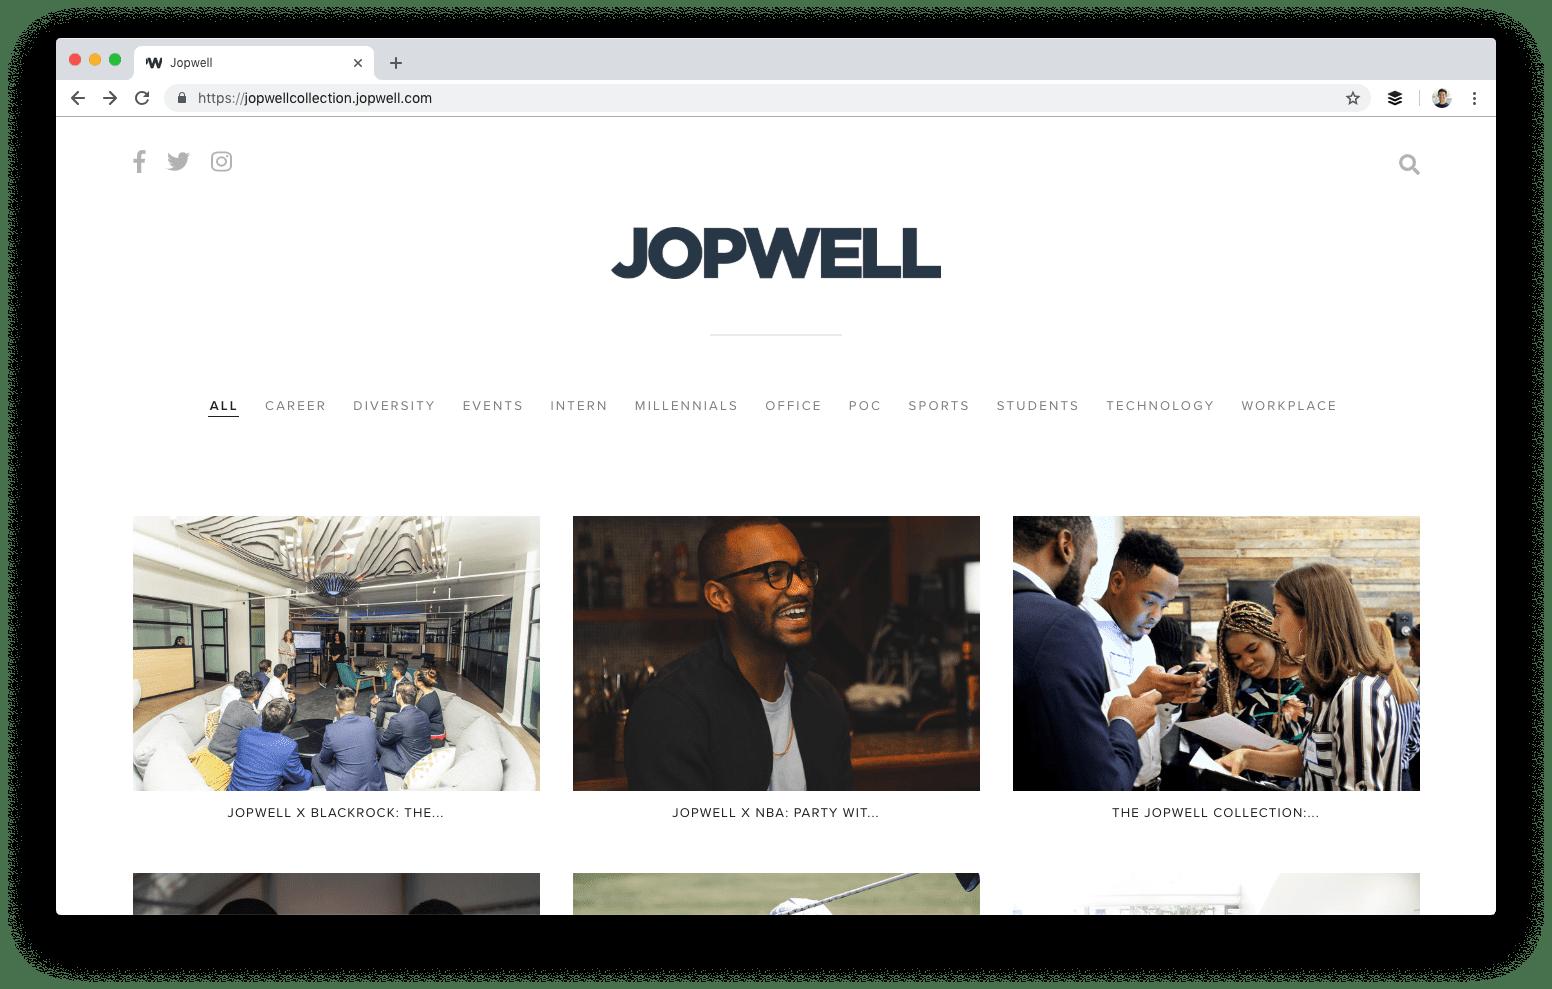 La colección Jopwell